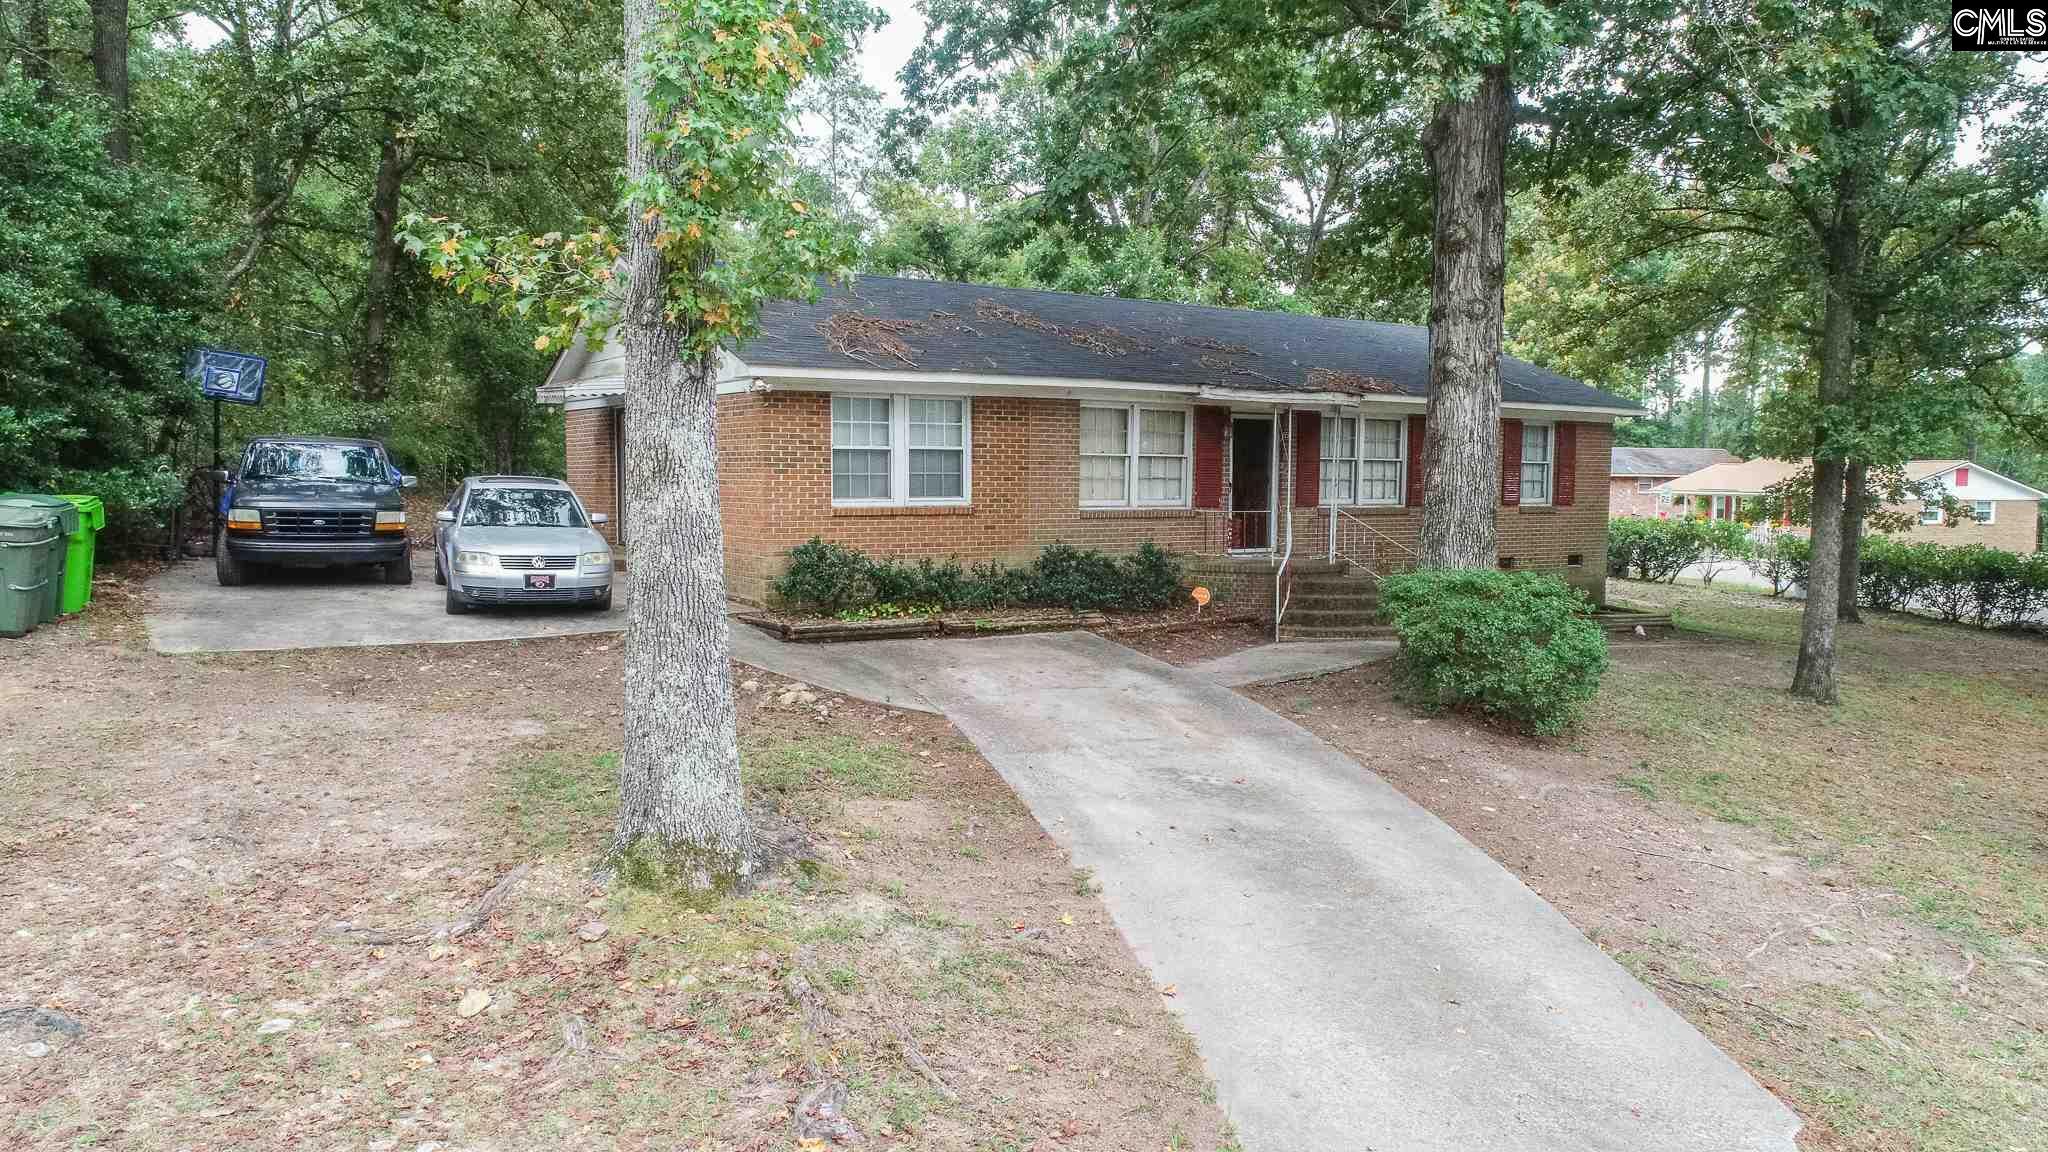 1014 Piney Woods Columbia, SC 29210-4329